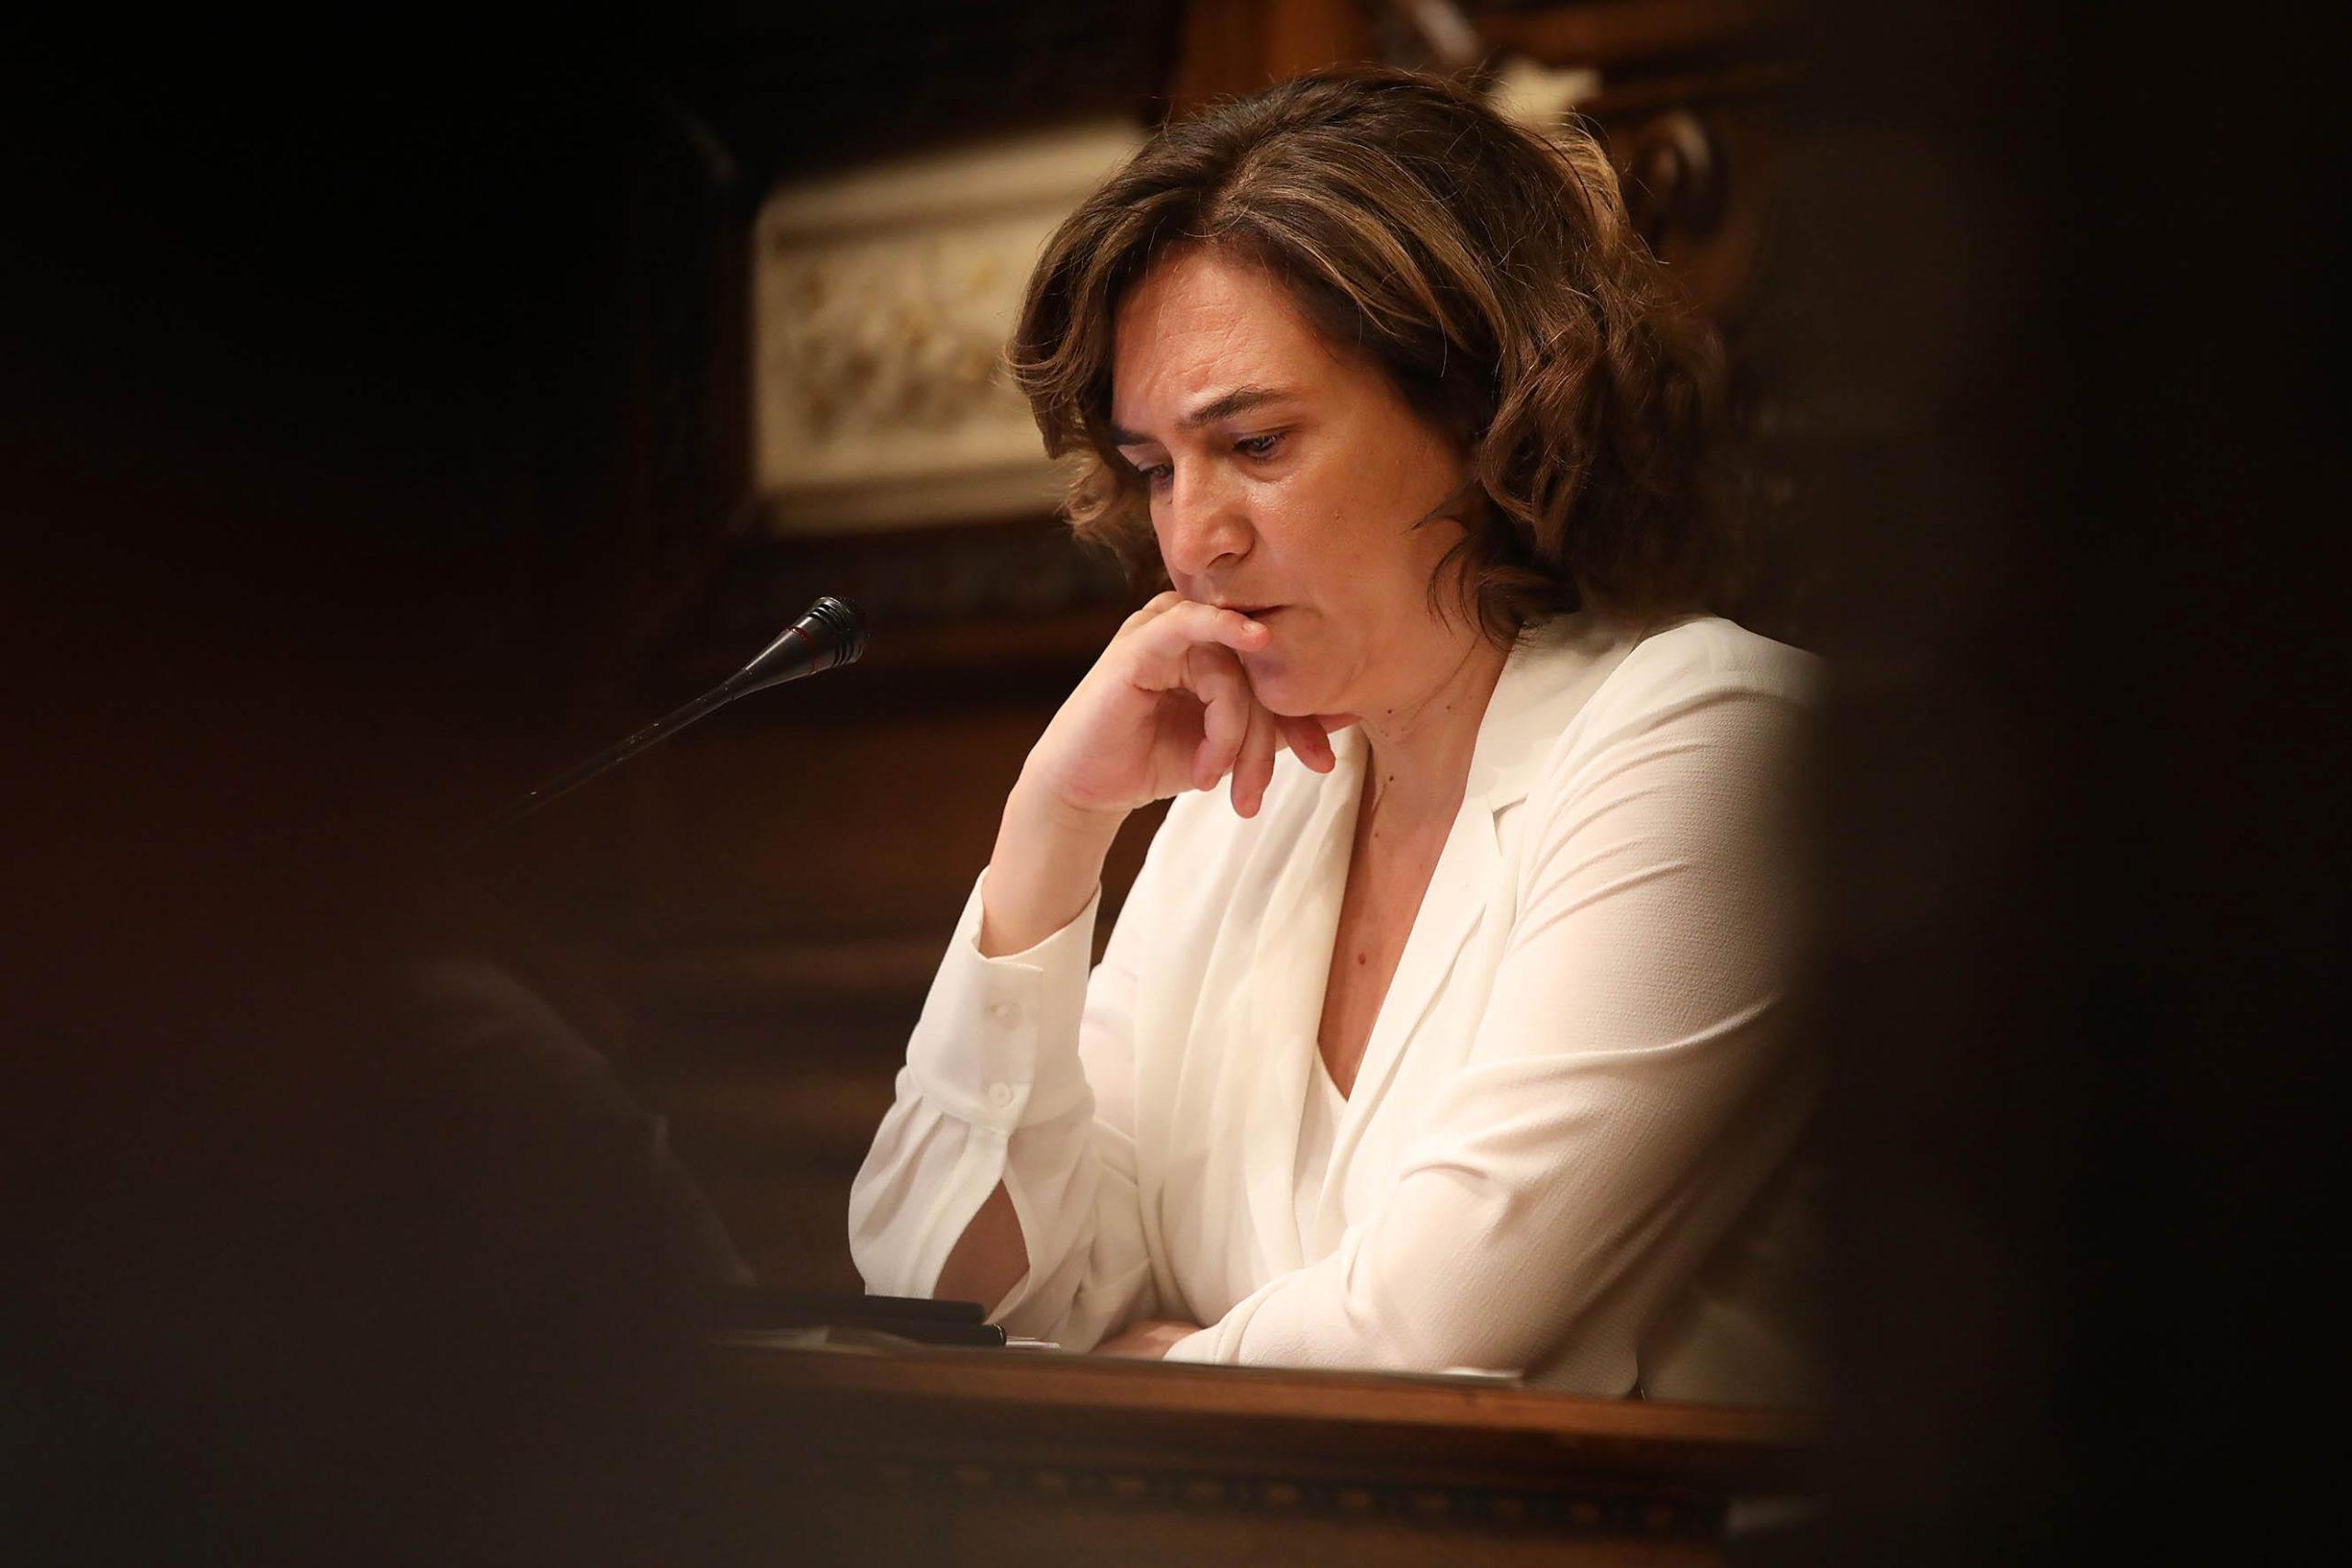 Ada Colau, presidint el ple de l'Ajuntament de Barcelona, en imatge d'arxiu / Jordi Play